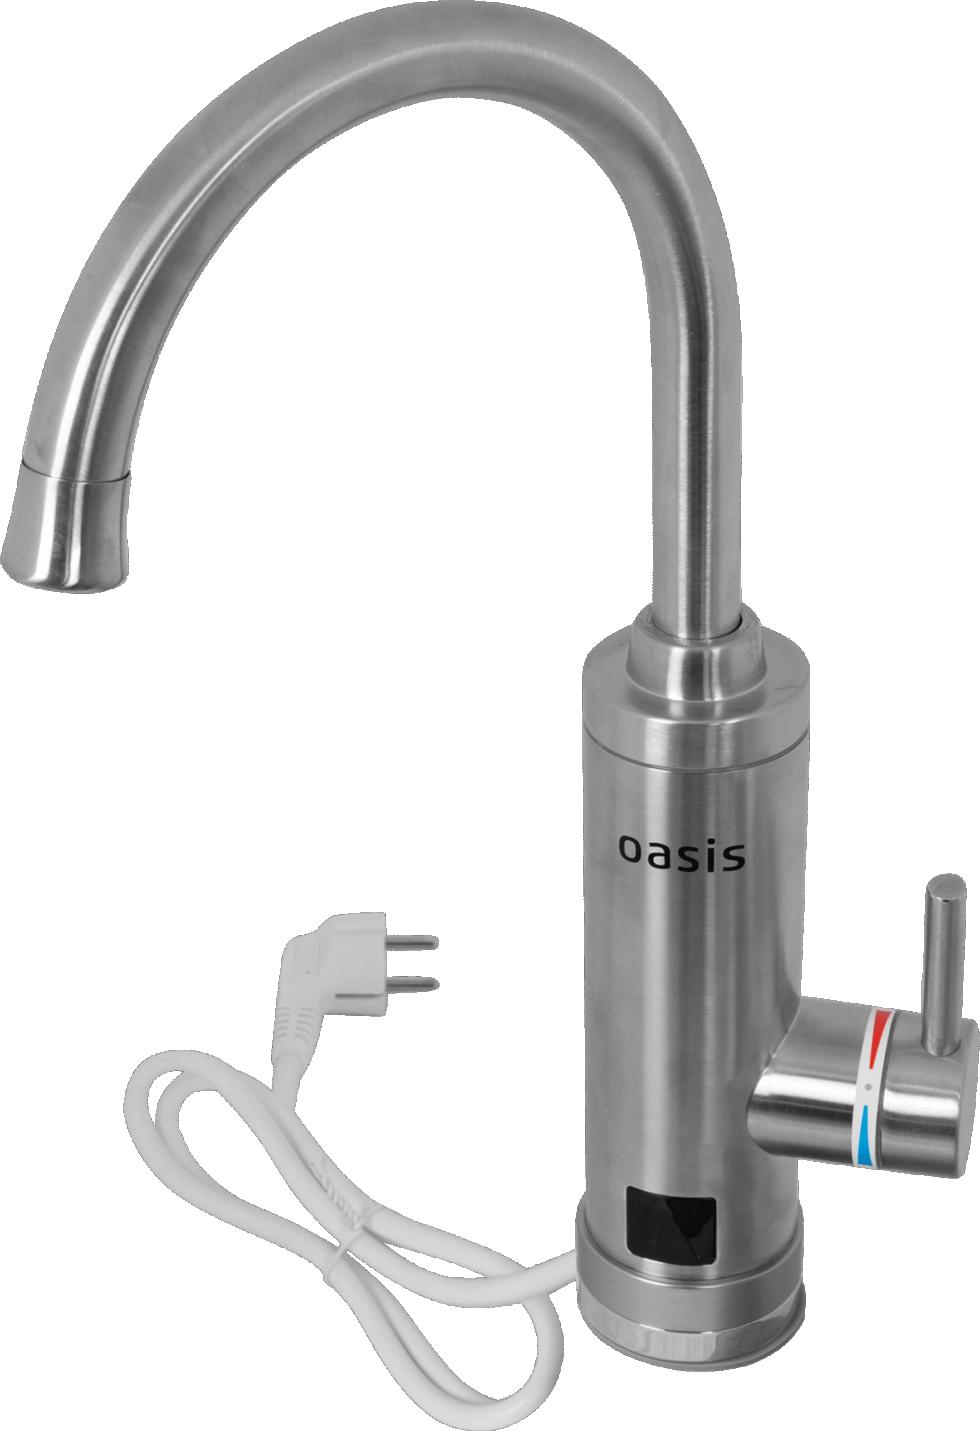 Водонагреватель проточный для кухни Oasis KP-S 3 кВт